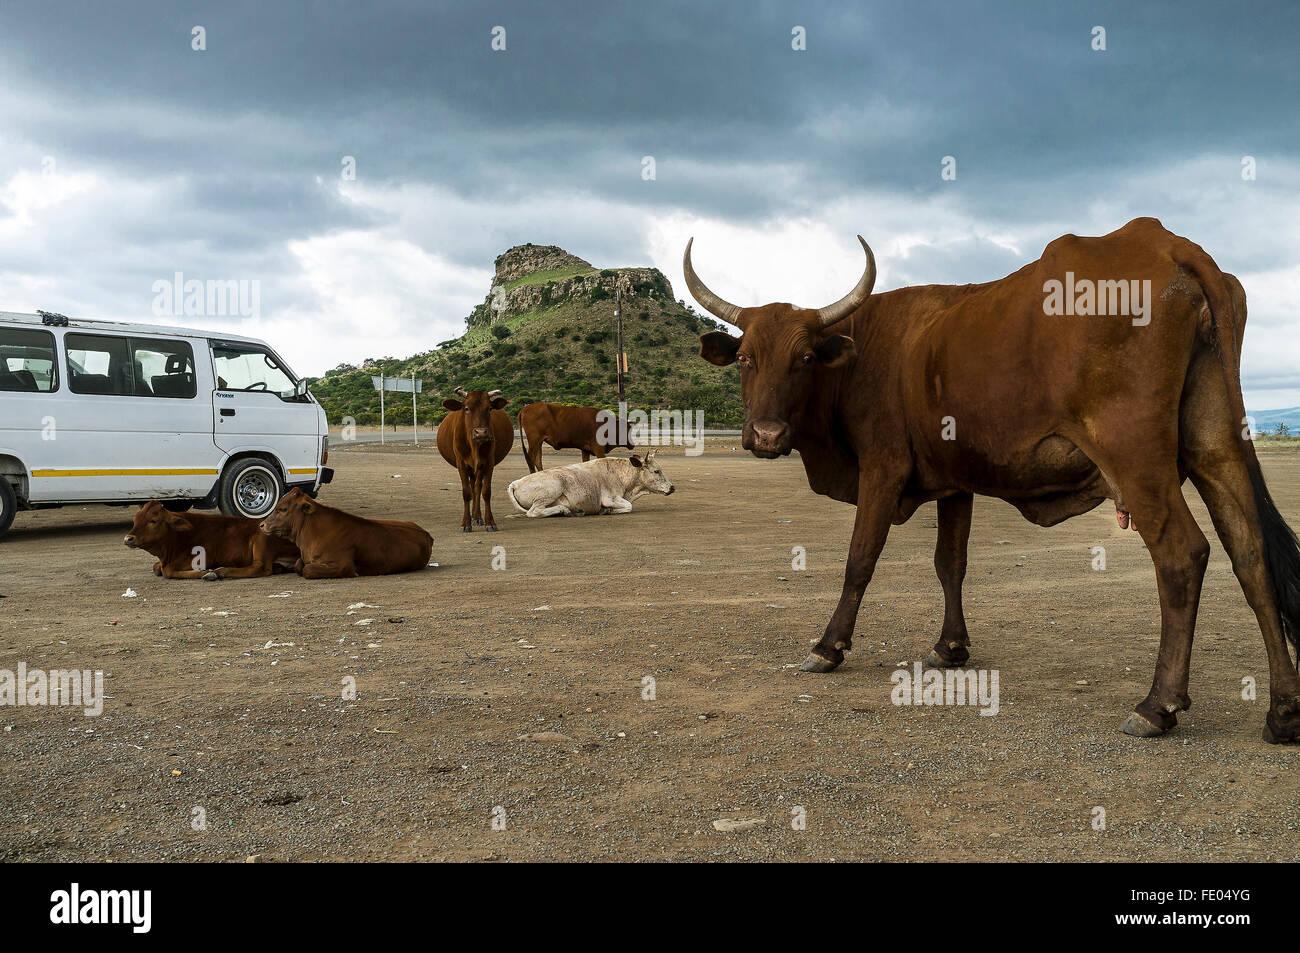 Kwa-zulu Natal, South Africa - Stock Image